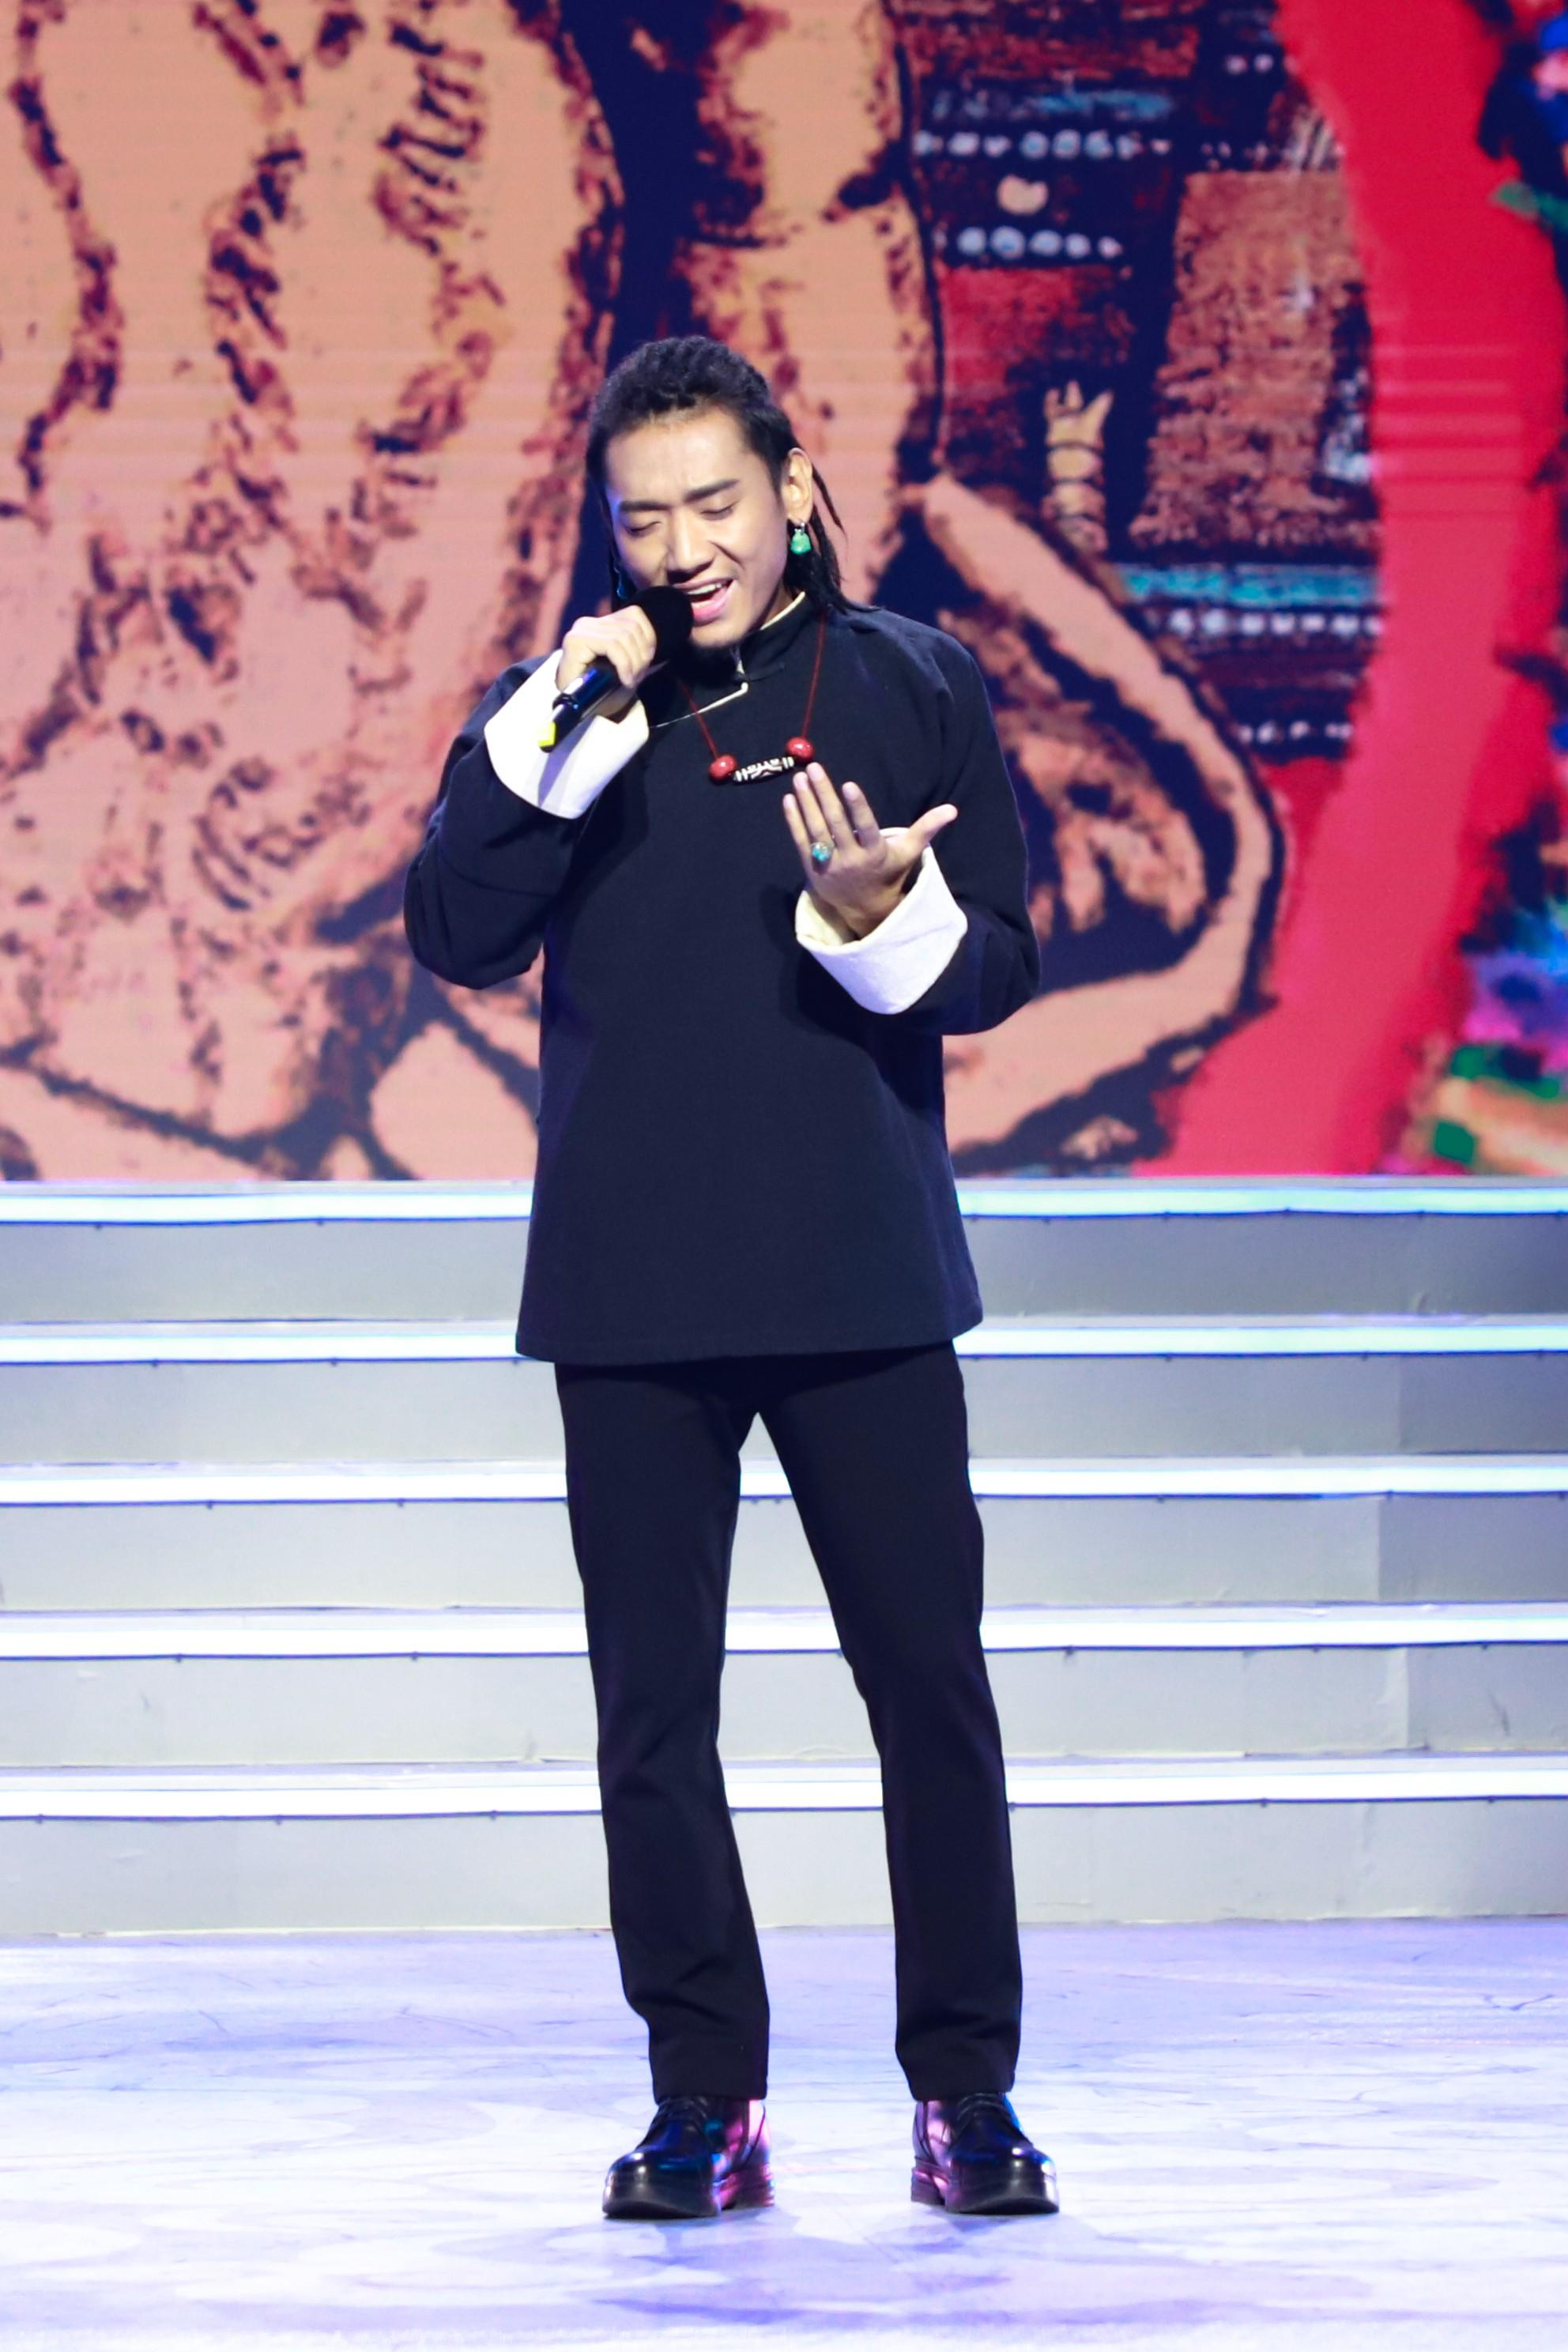 扎西平措亮相康巴卫视藏历年晚会 献唱原创歌曲《阿妈的手》为民族音乐发声